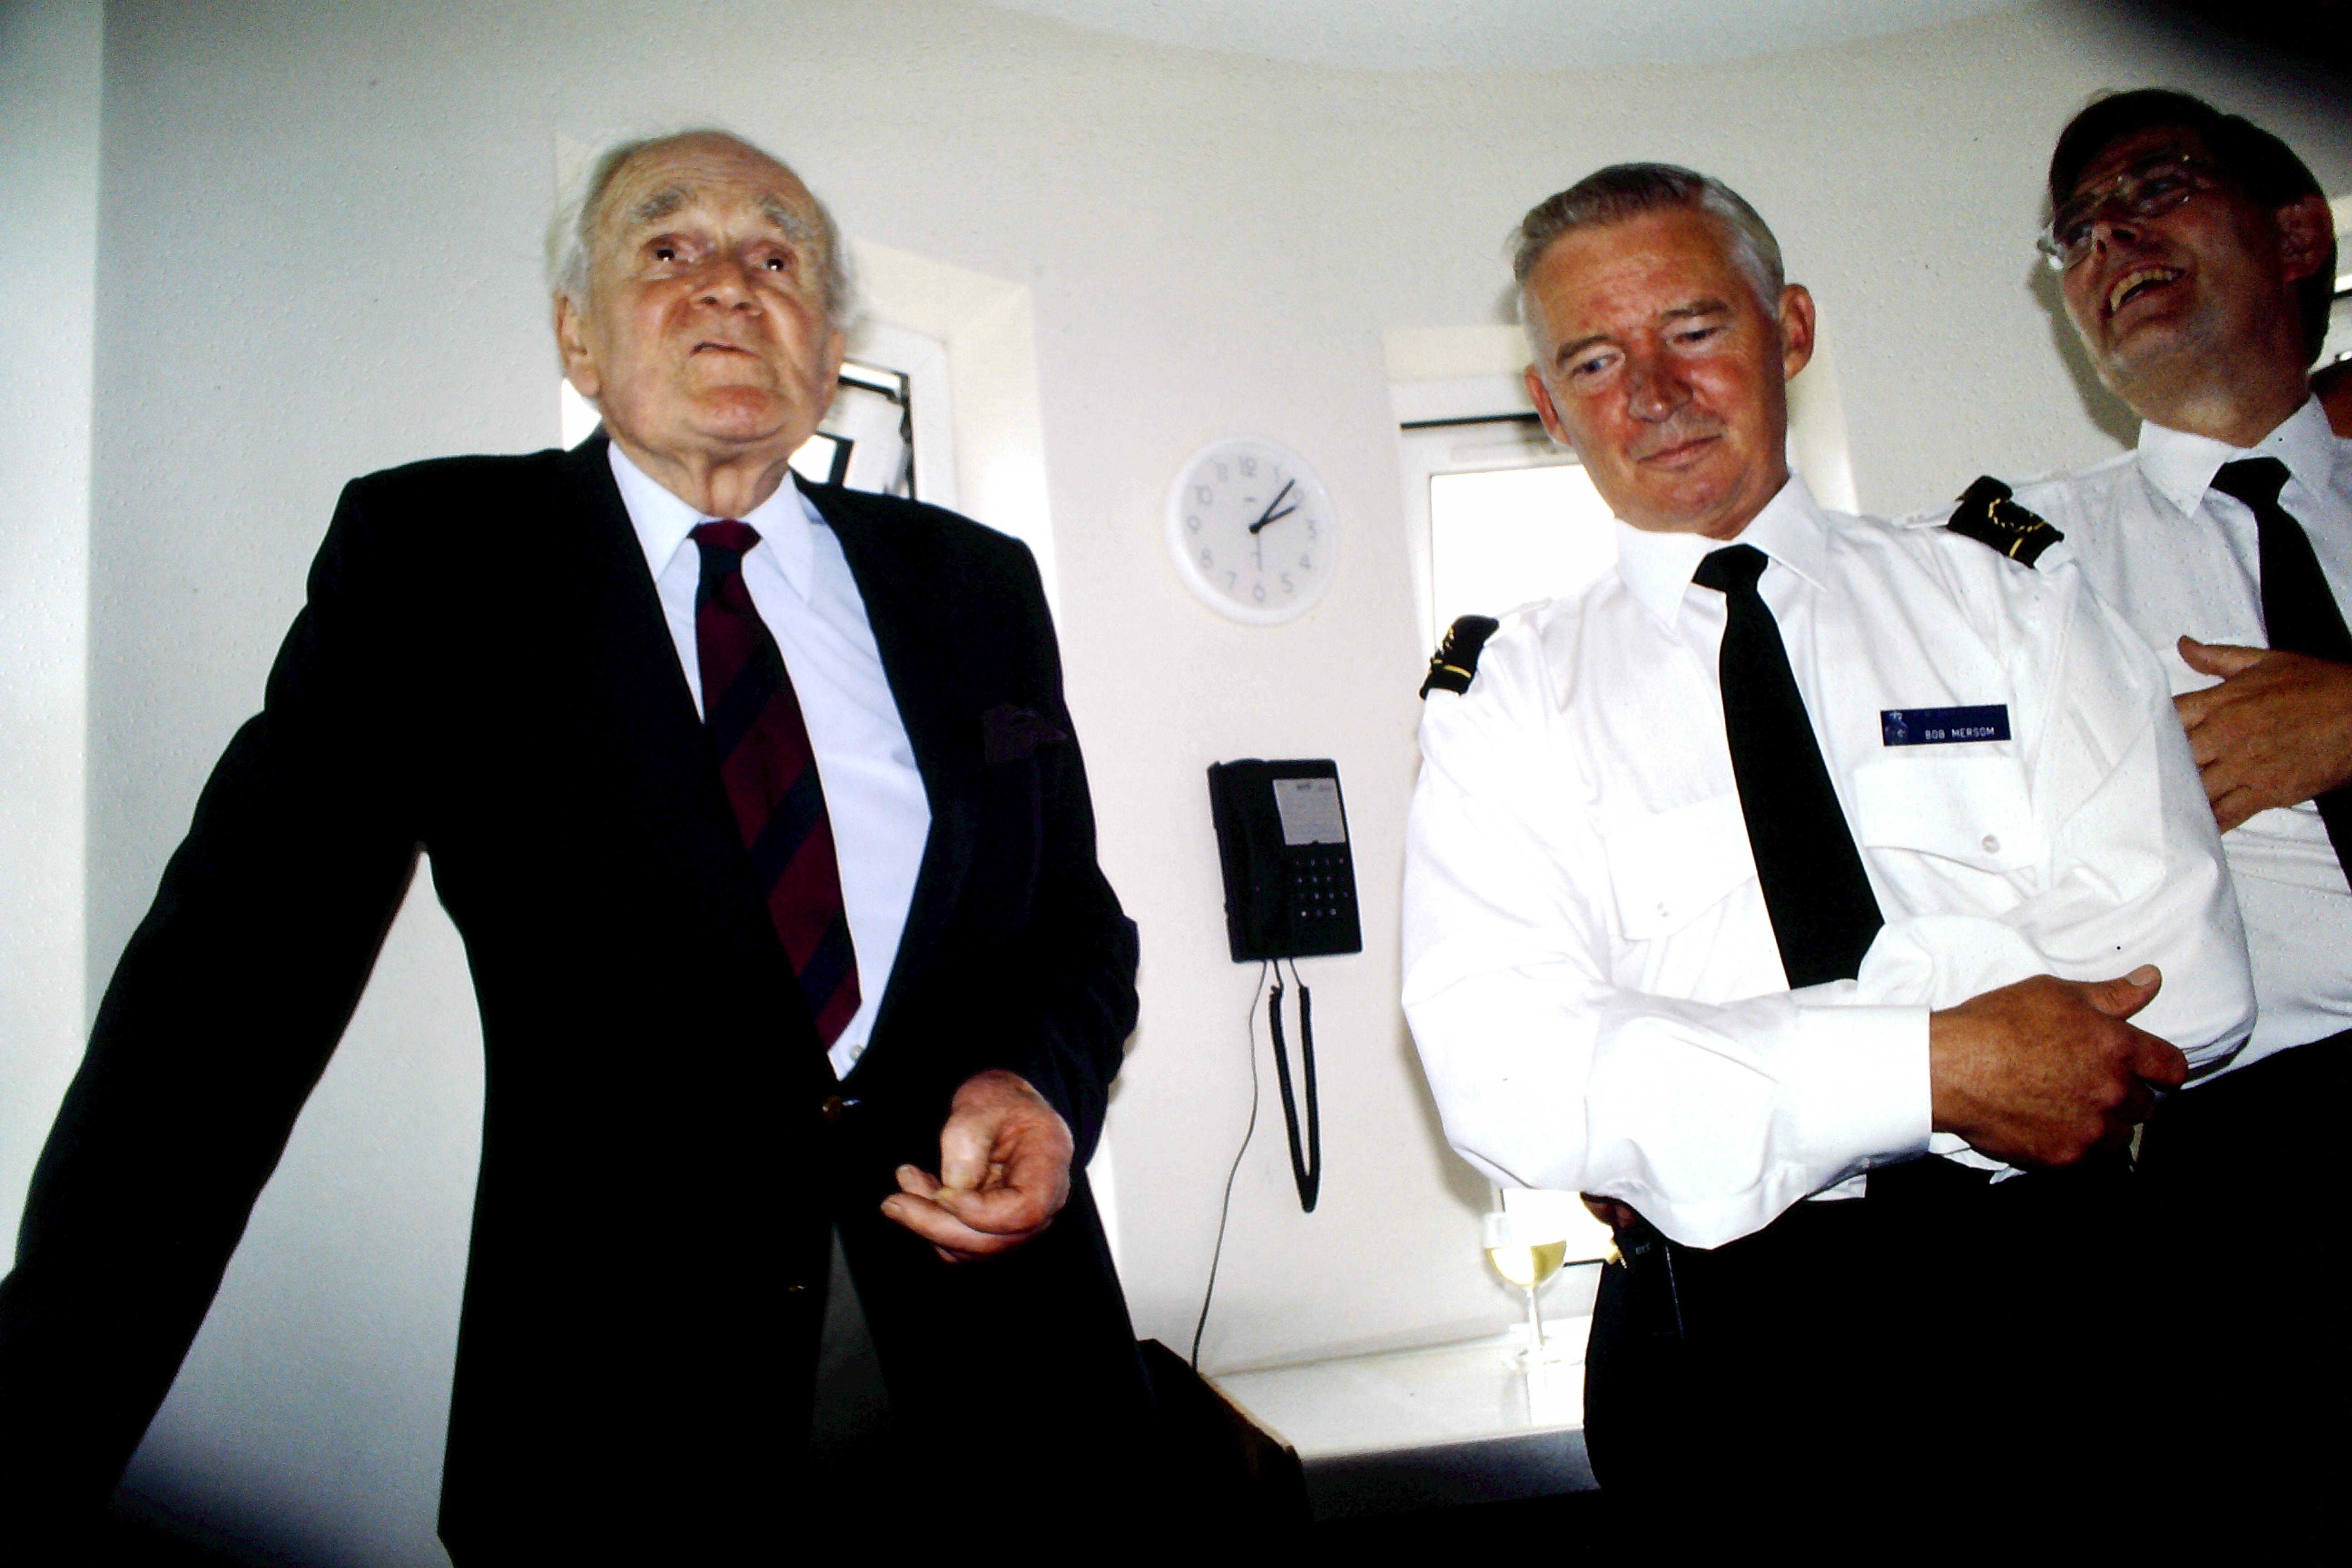 Desmond Llewelyn 27.06.1997 - foto © hansen-hansen.com